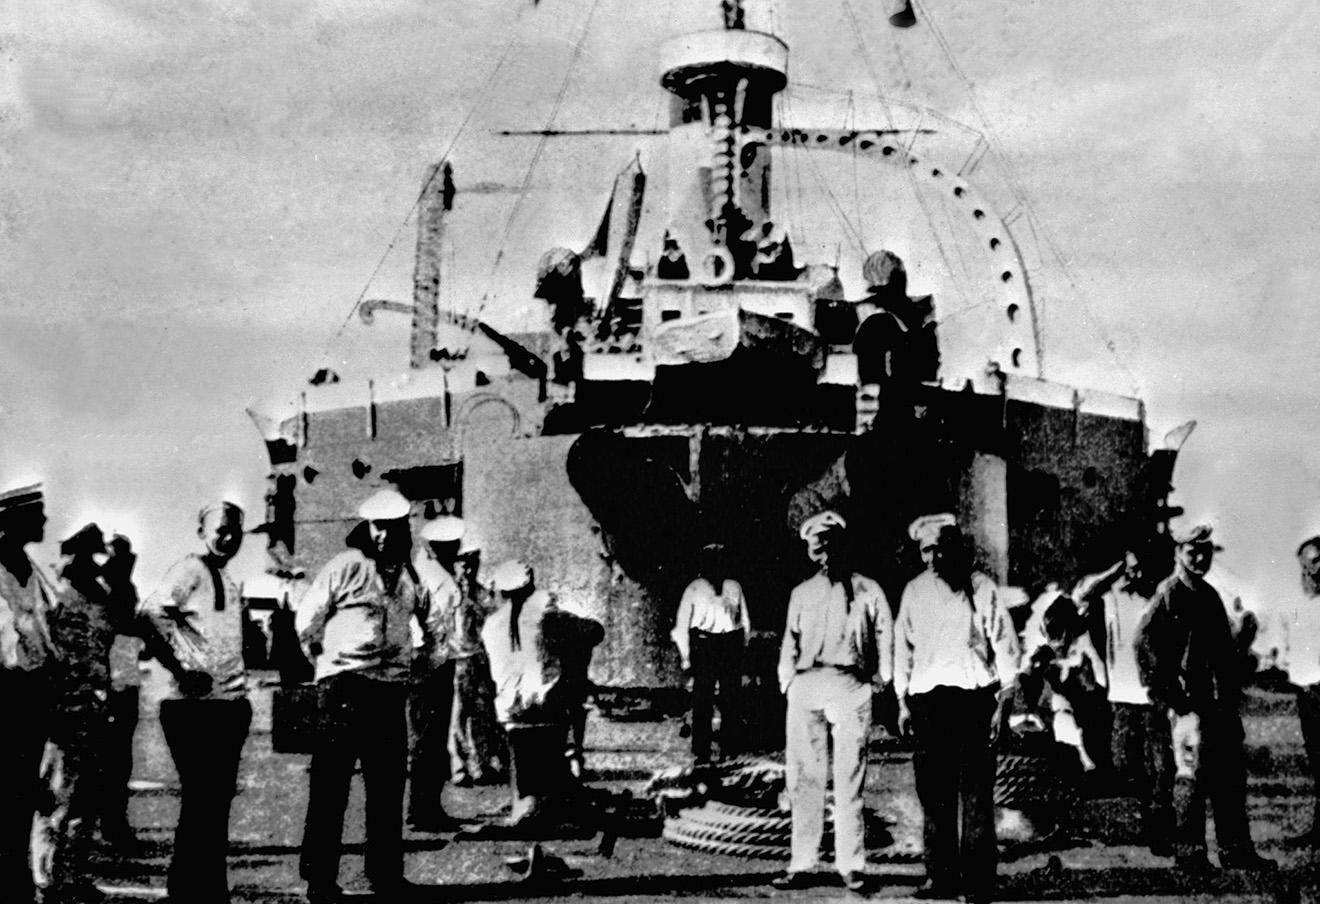 Восставшие матросы на палубе броненосца «Потемкин». Снимок из фондов Центрального архива кинофотодокументов.